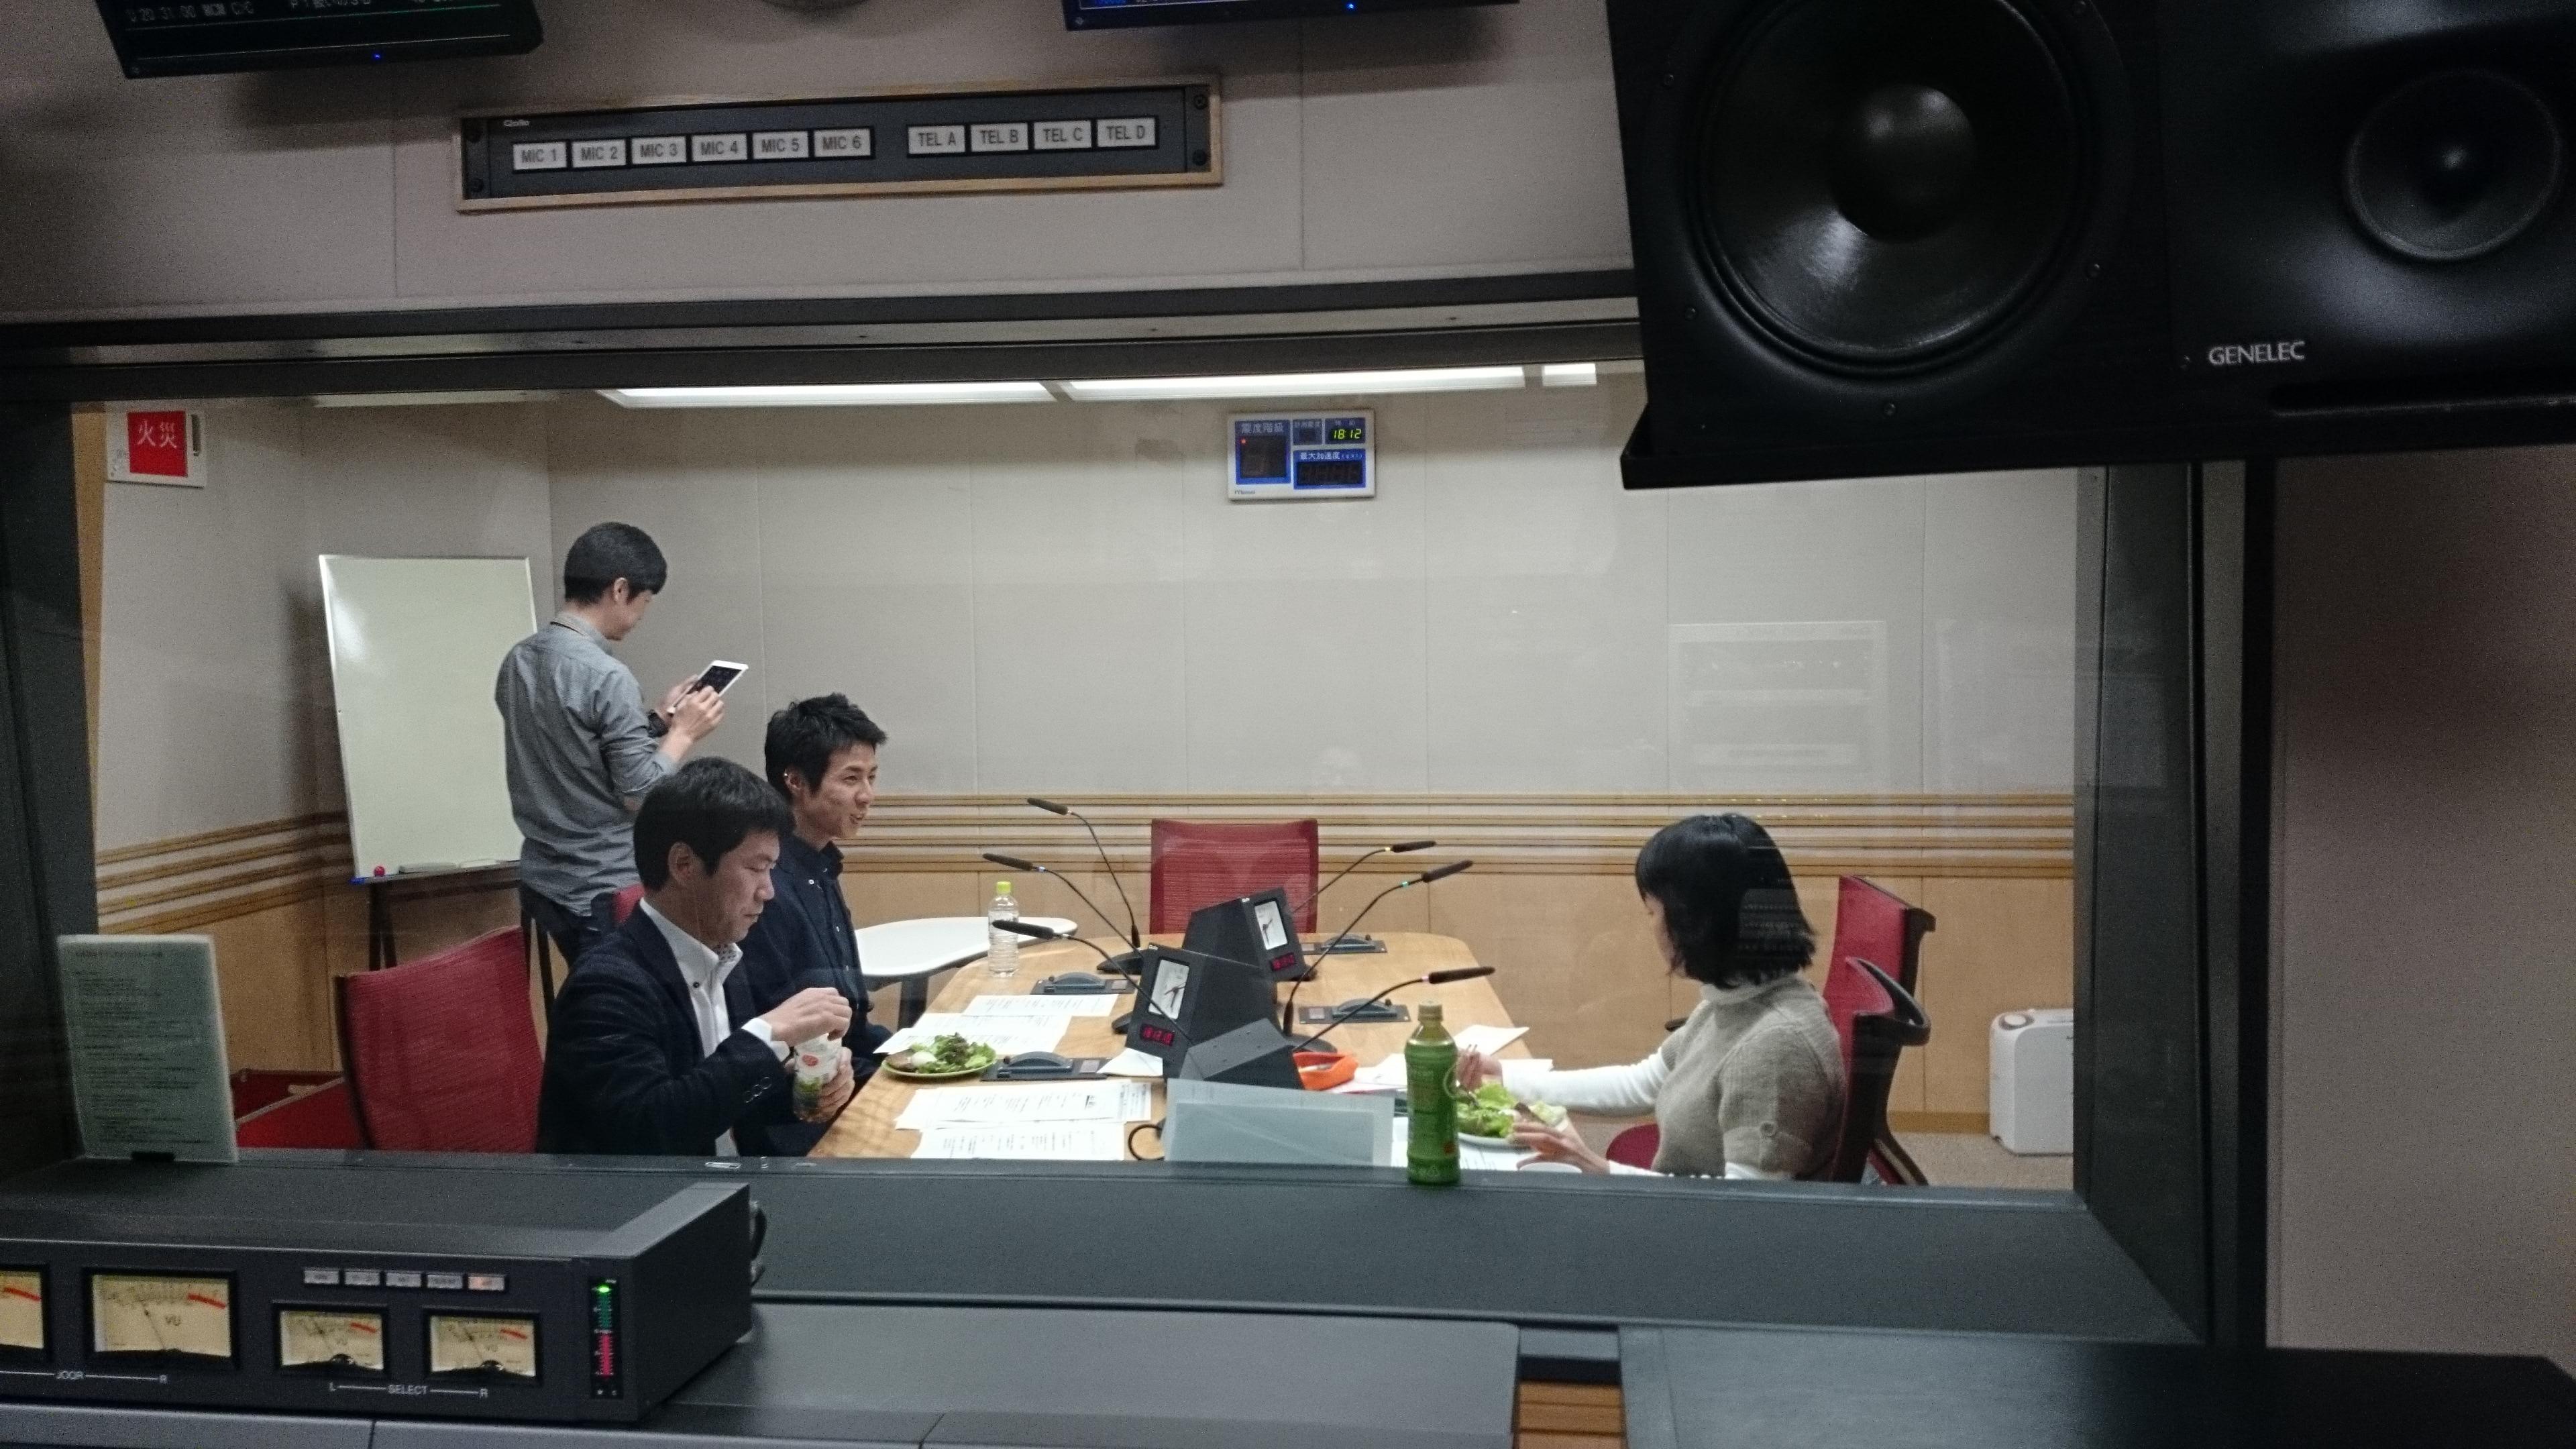 高橋善郎:文化放送 SET UPにゲスト出演しました。